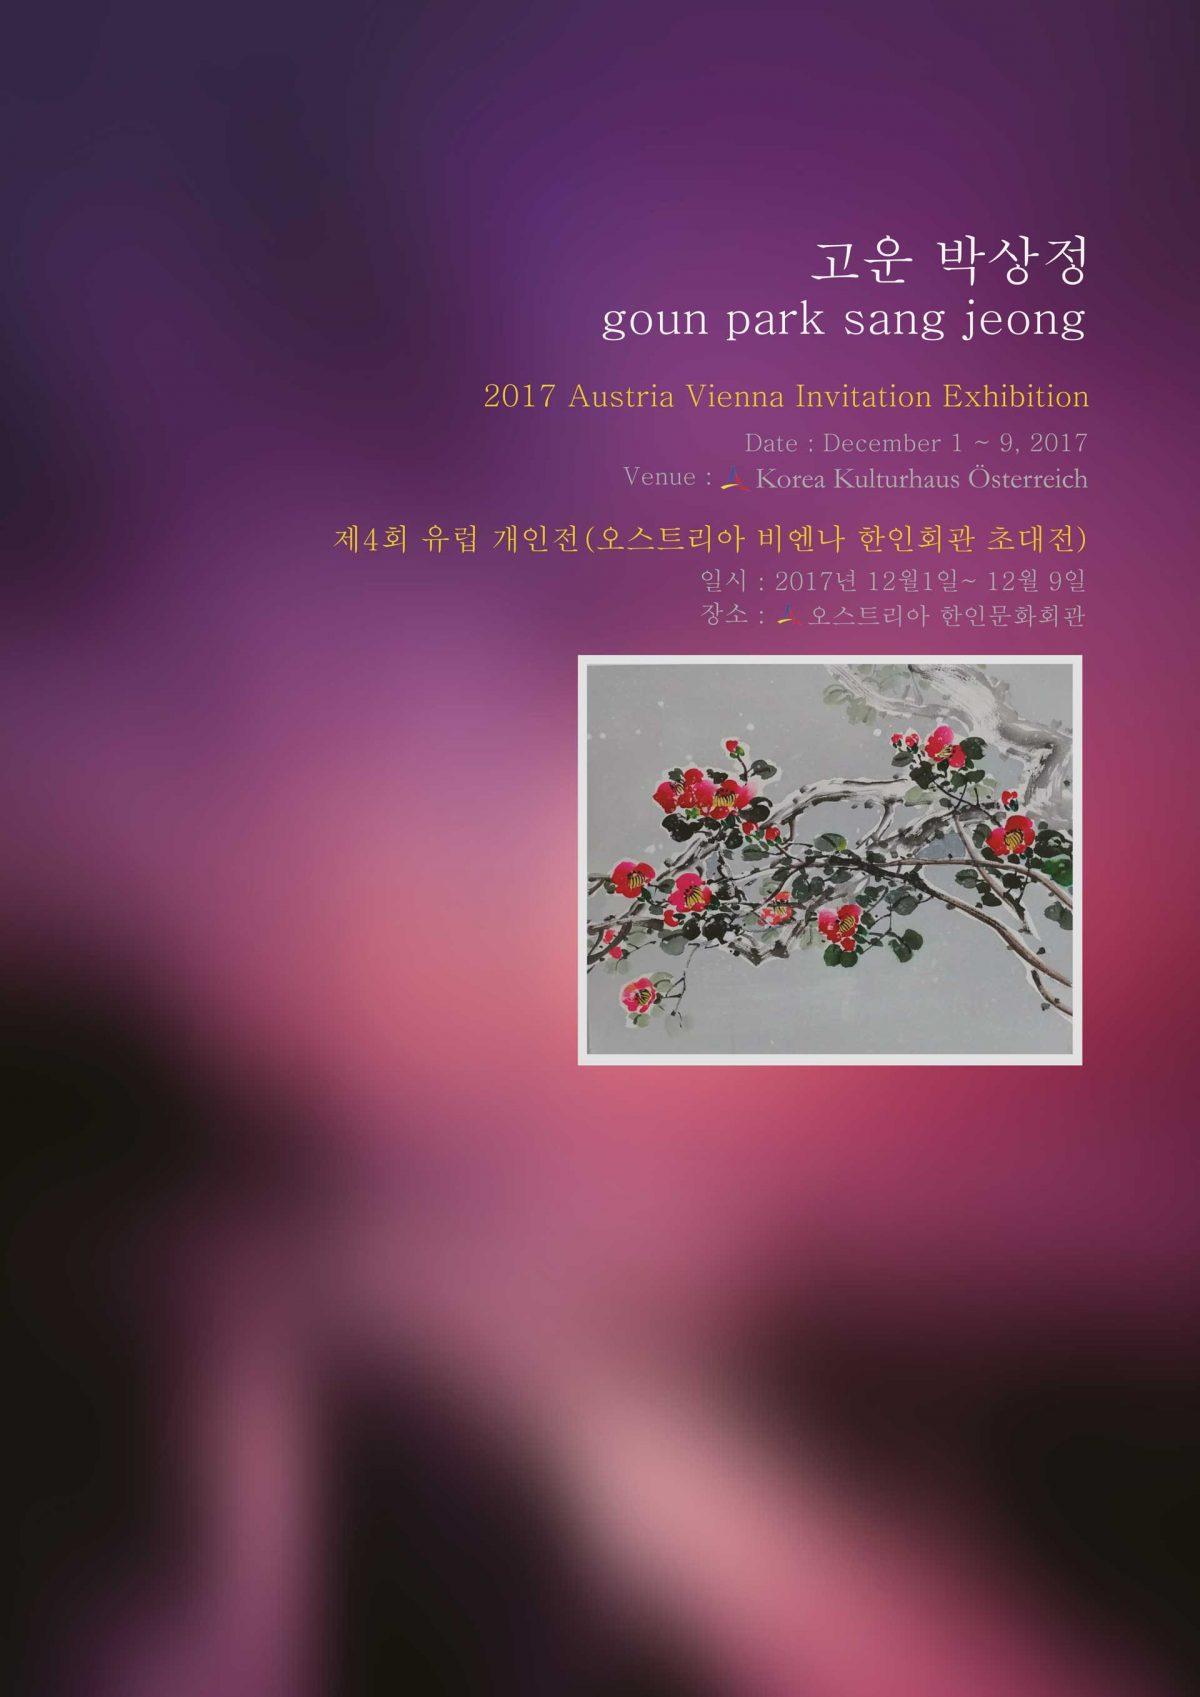 Goun Park Sang Jeong